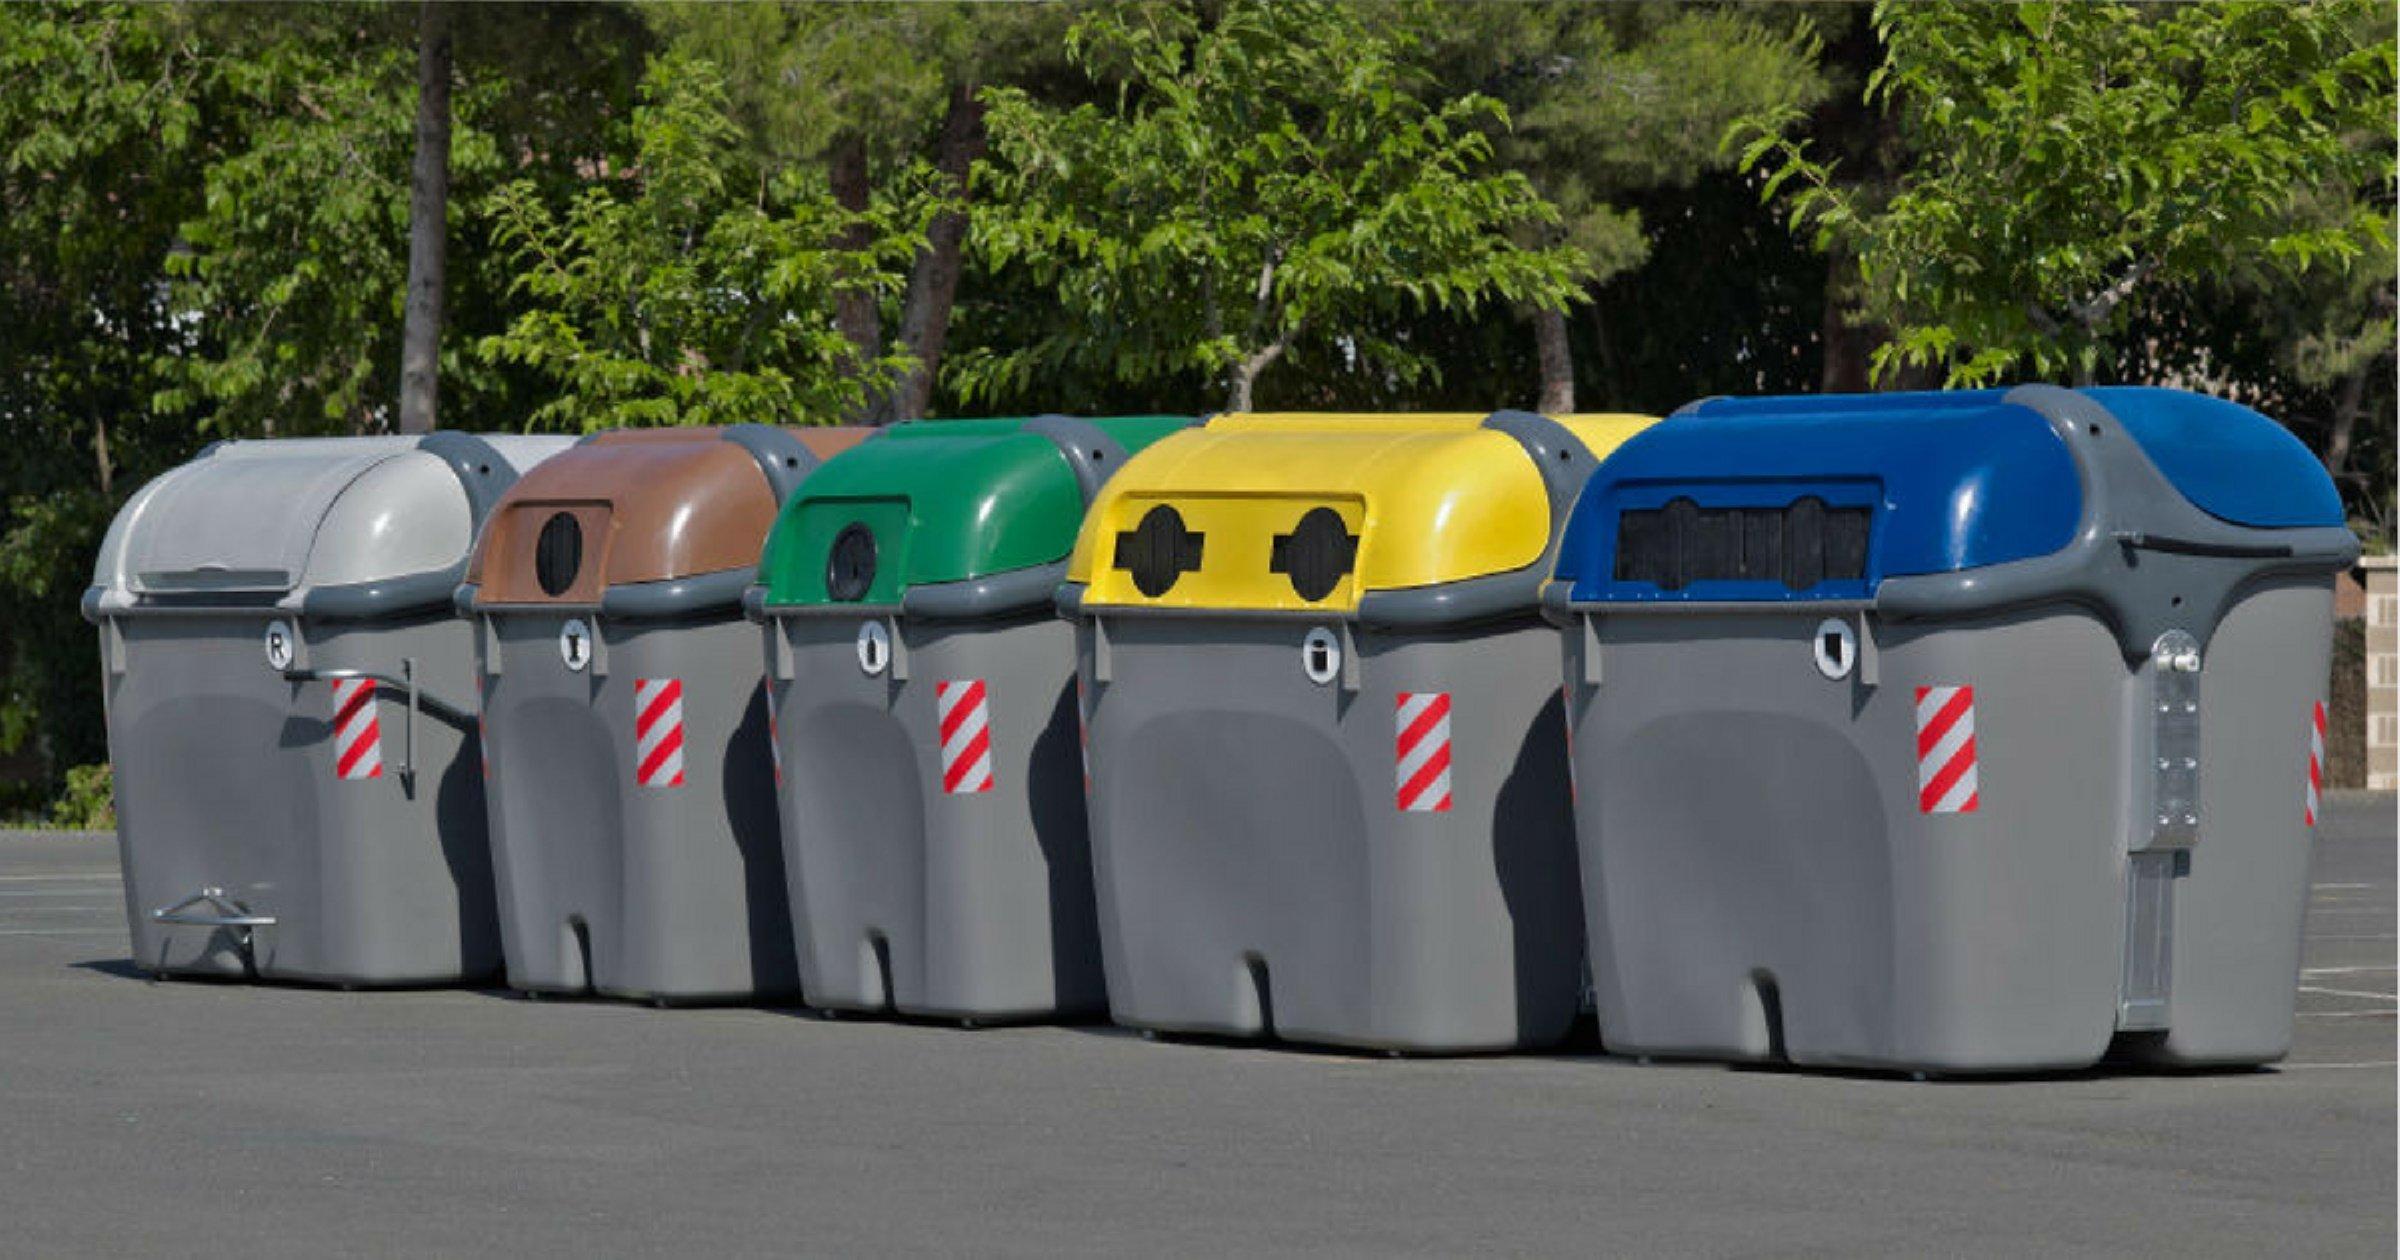 Reciclem i separem bé: Què va a cada contenidor?